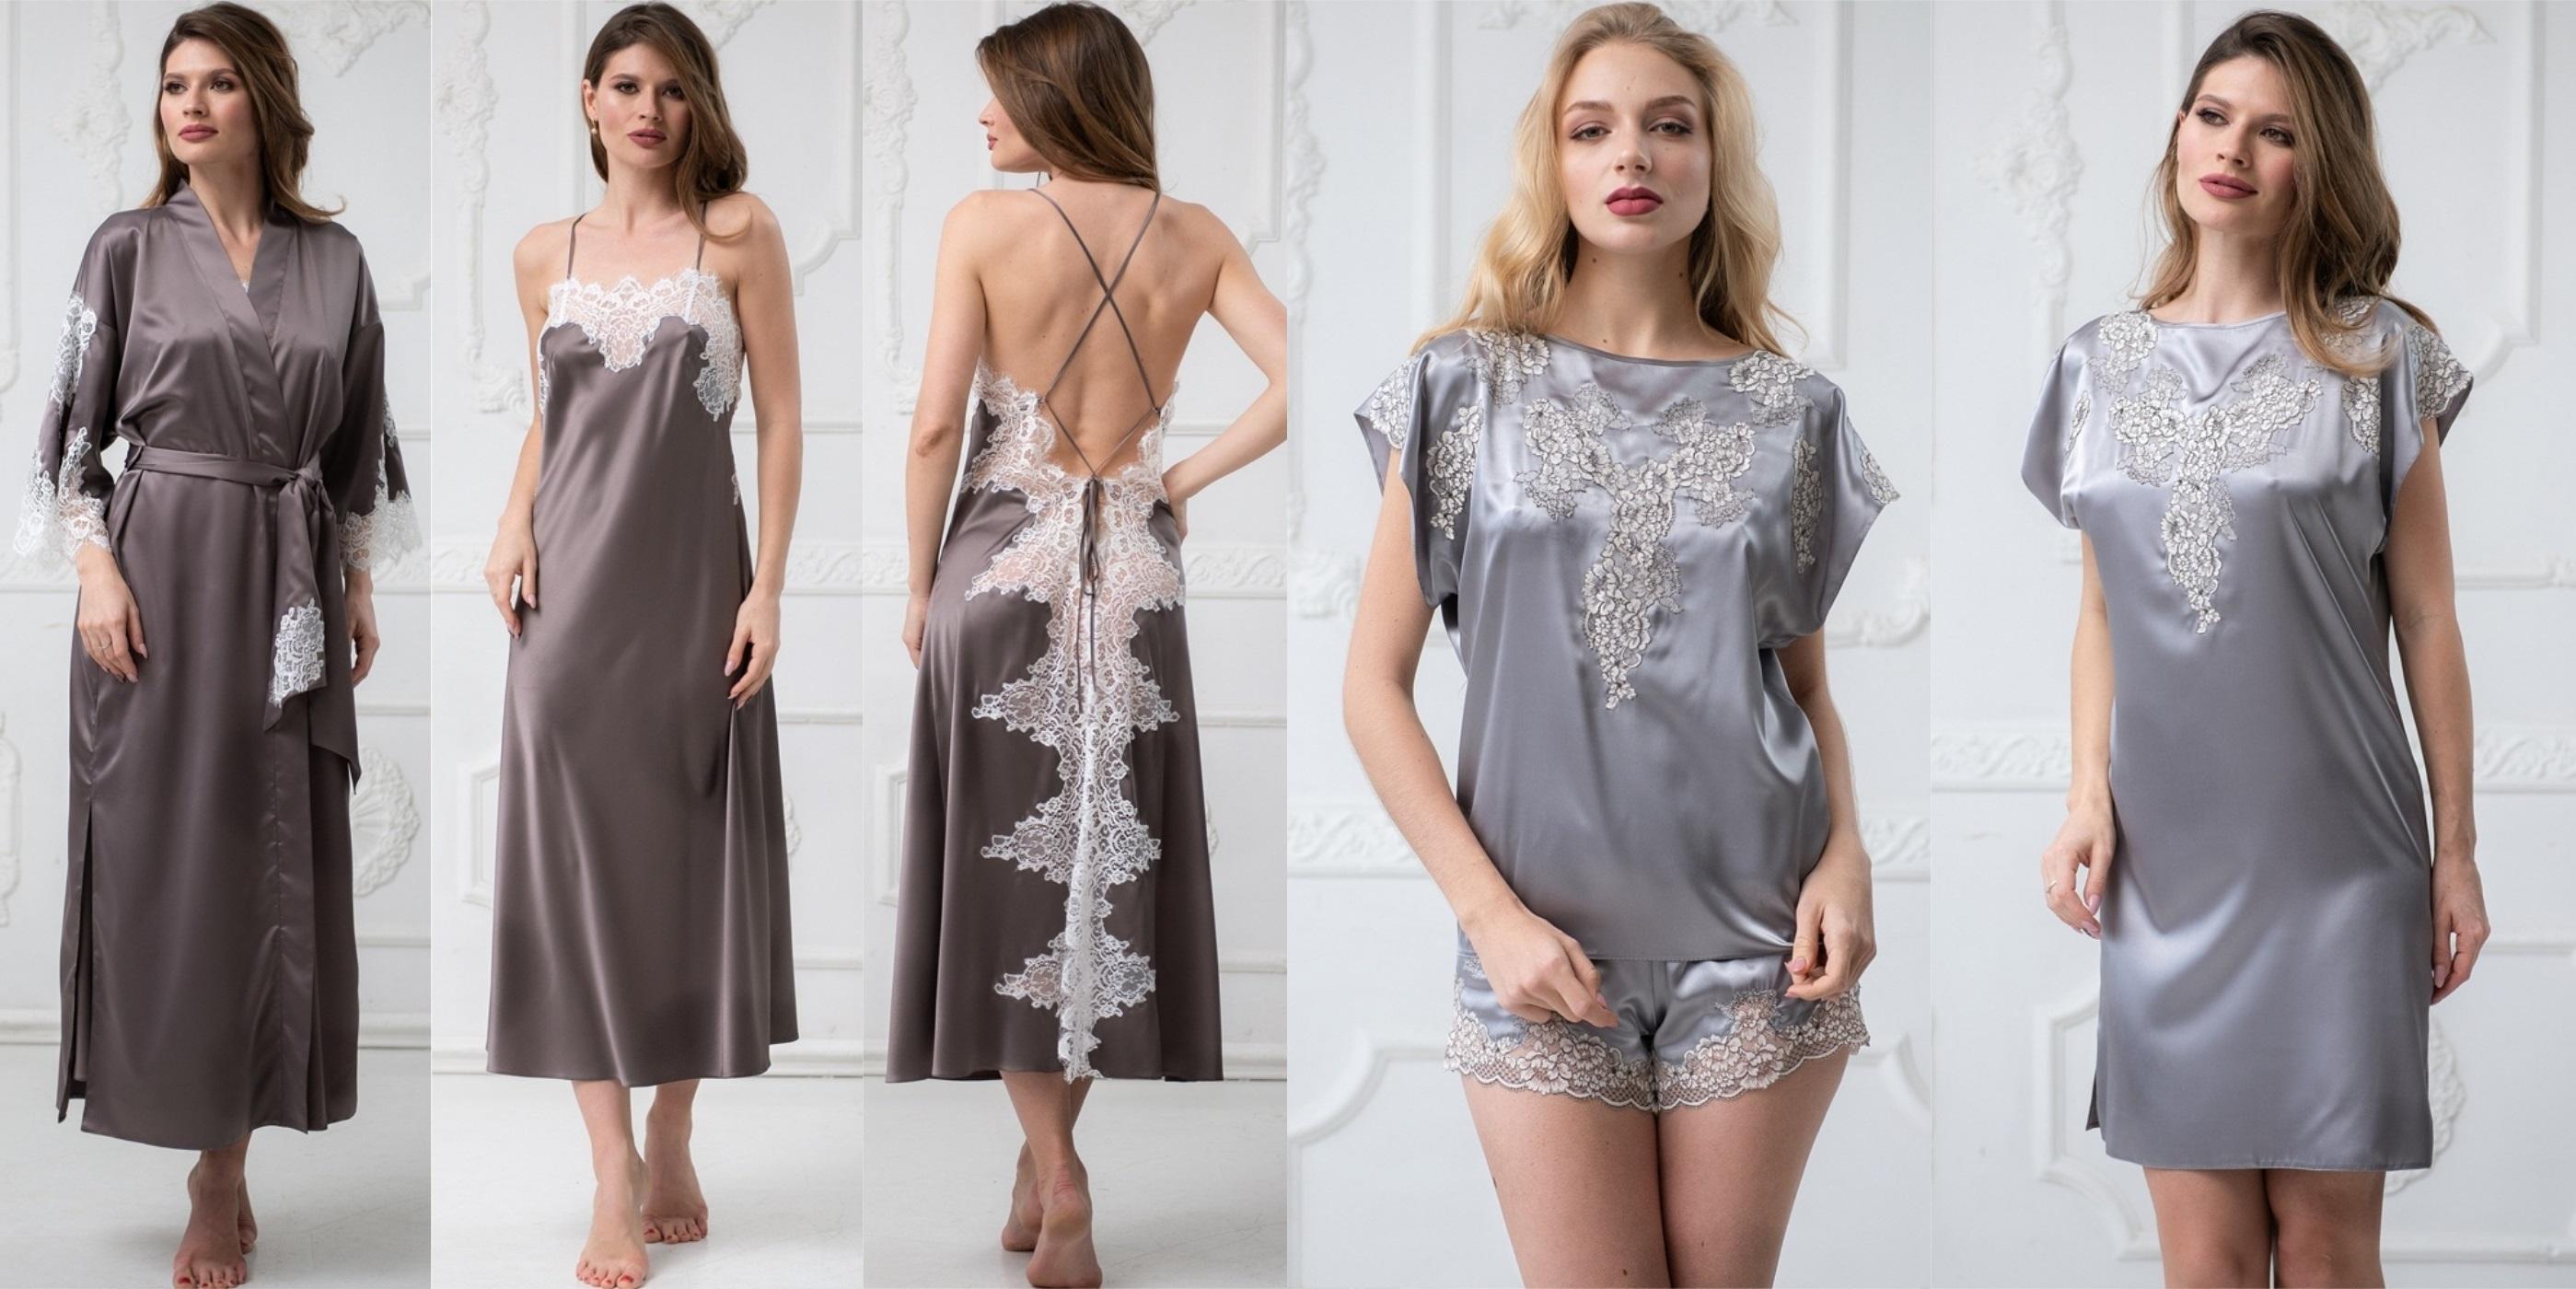 Пижама, халат, сорочки женские Komilfo купить